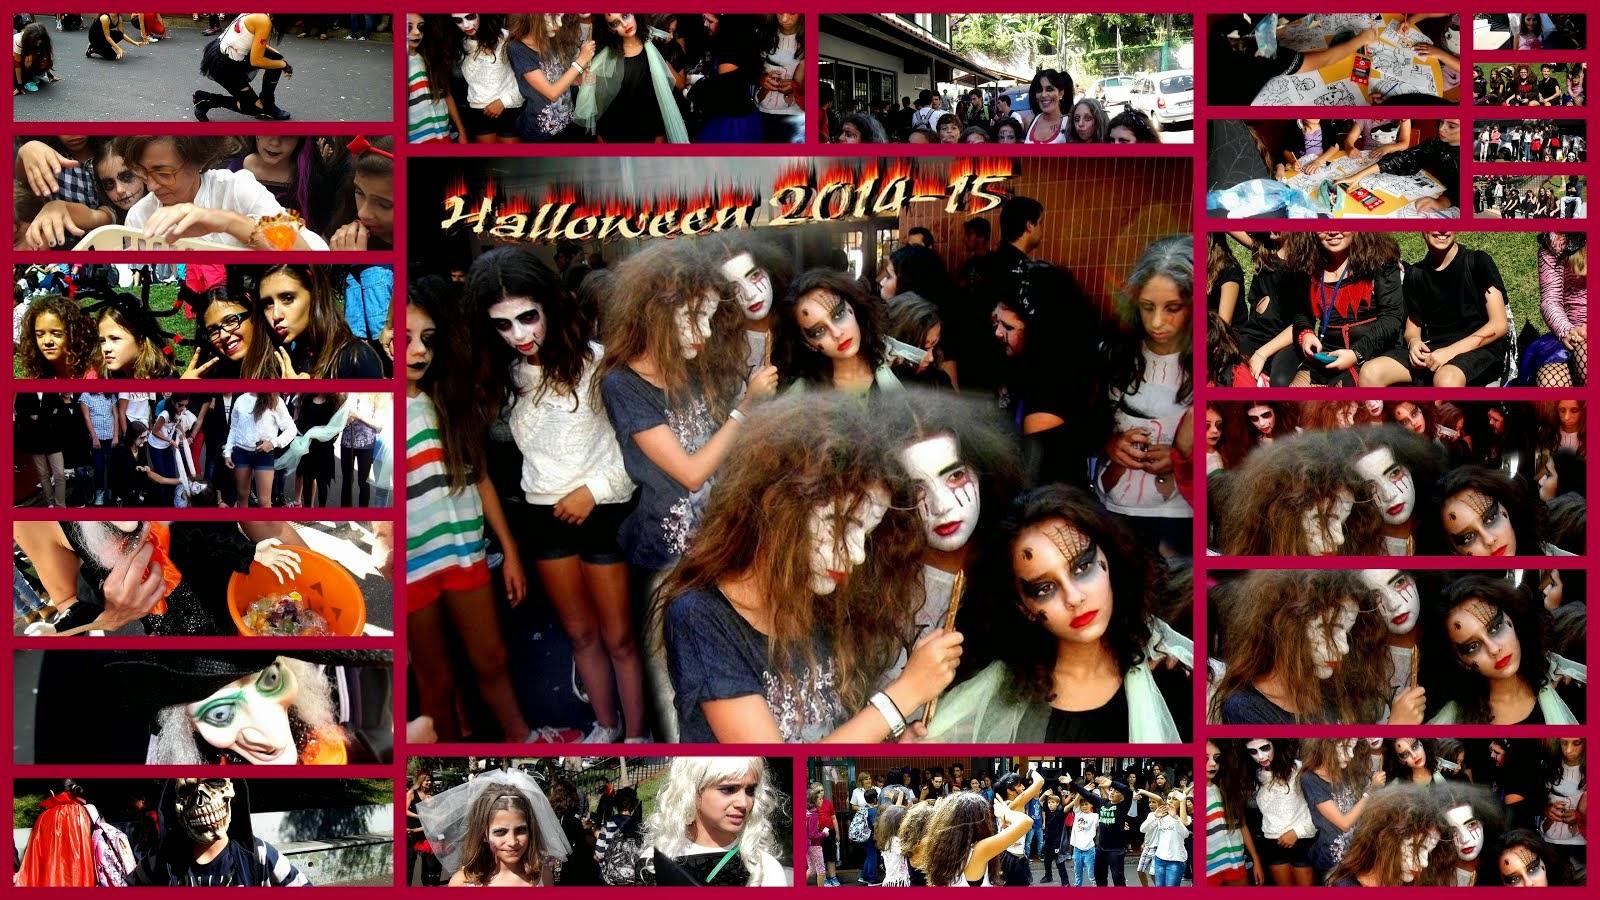 O Nosso Halloween